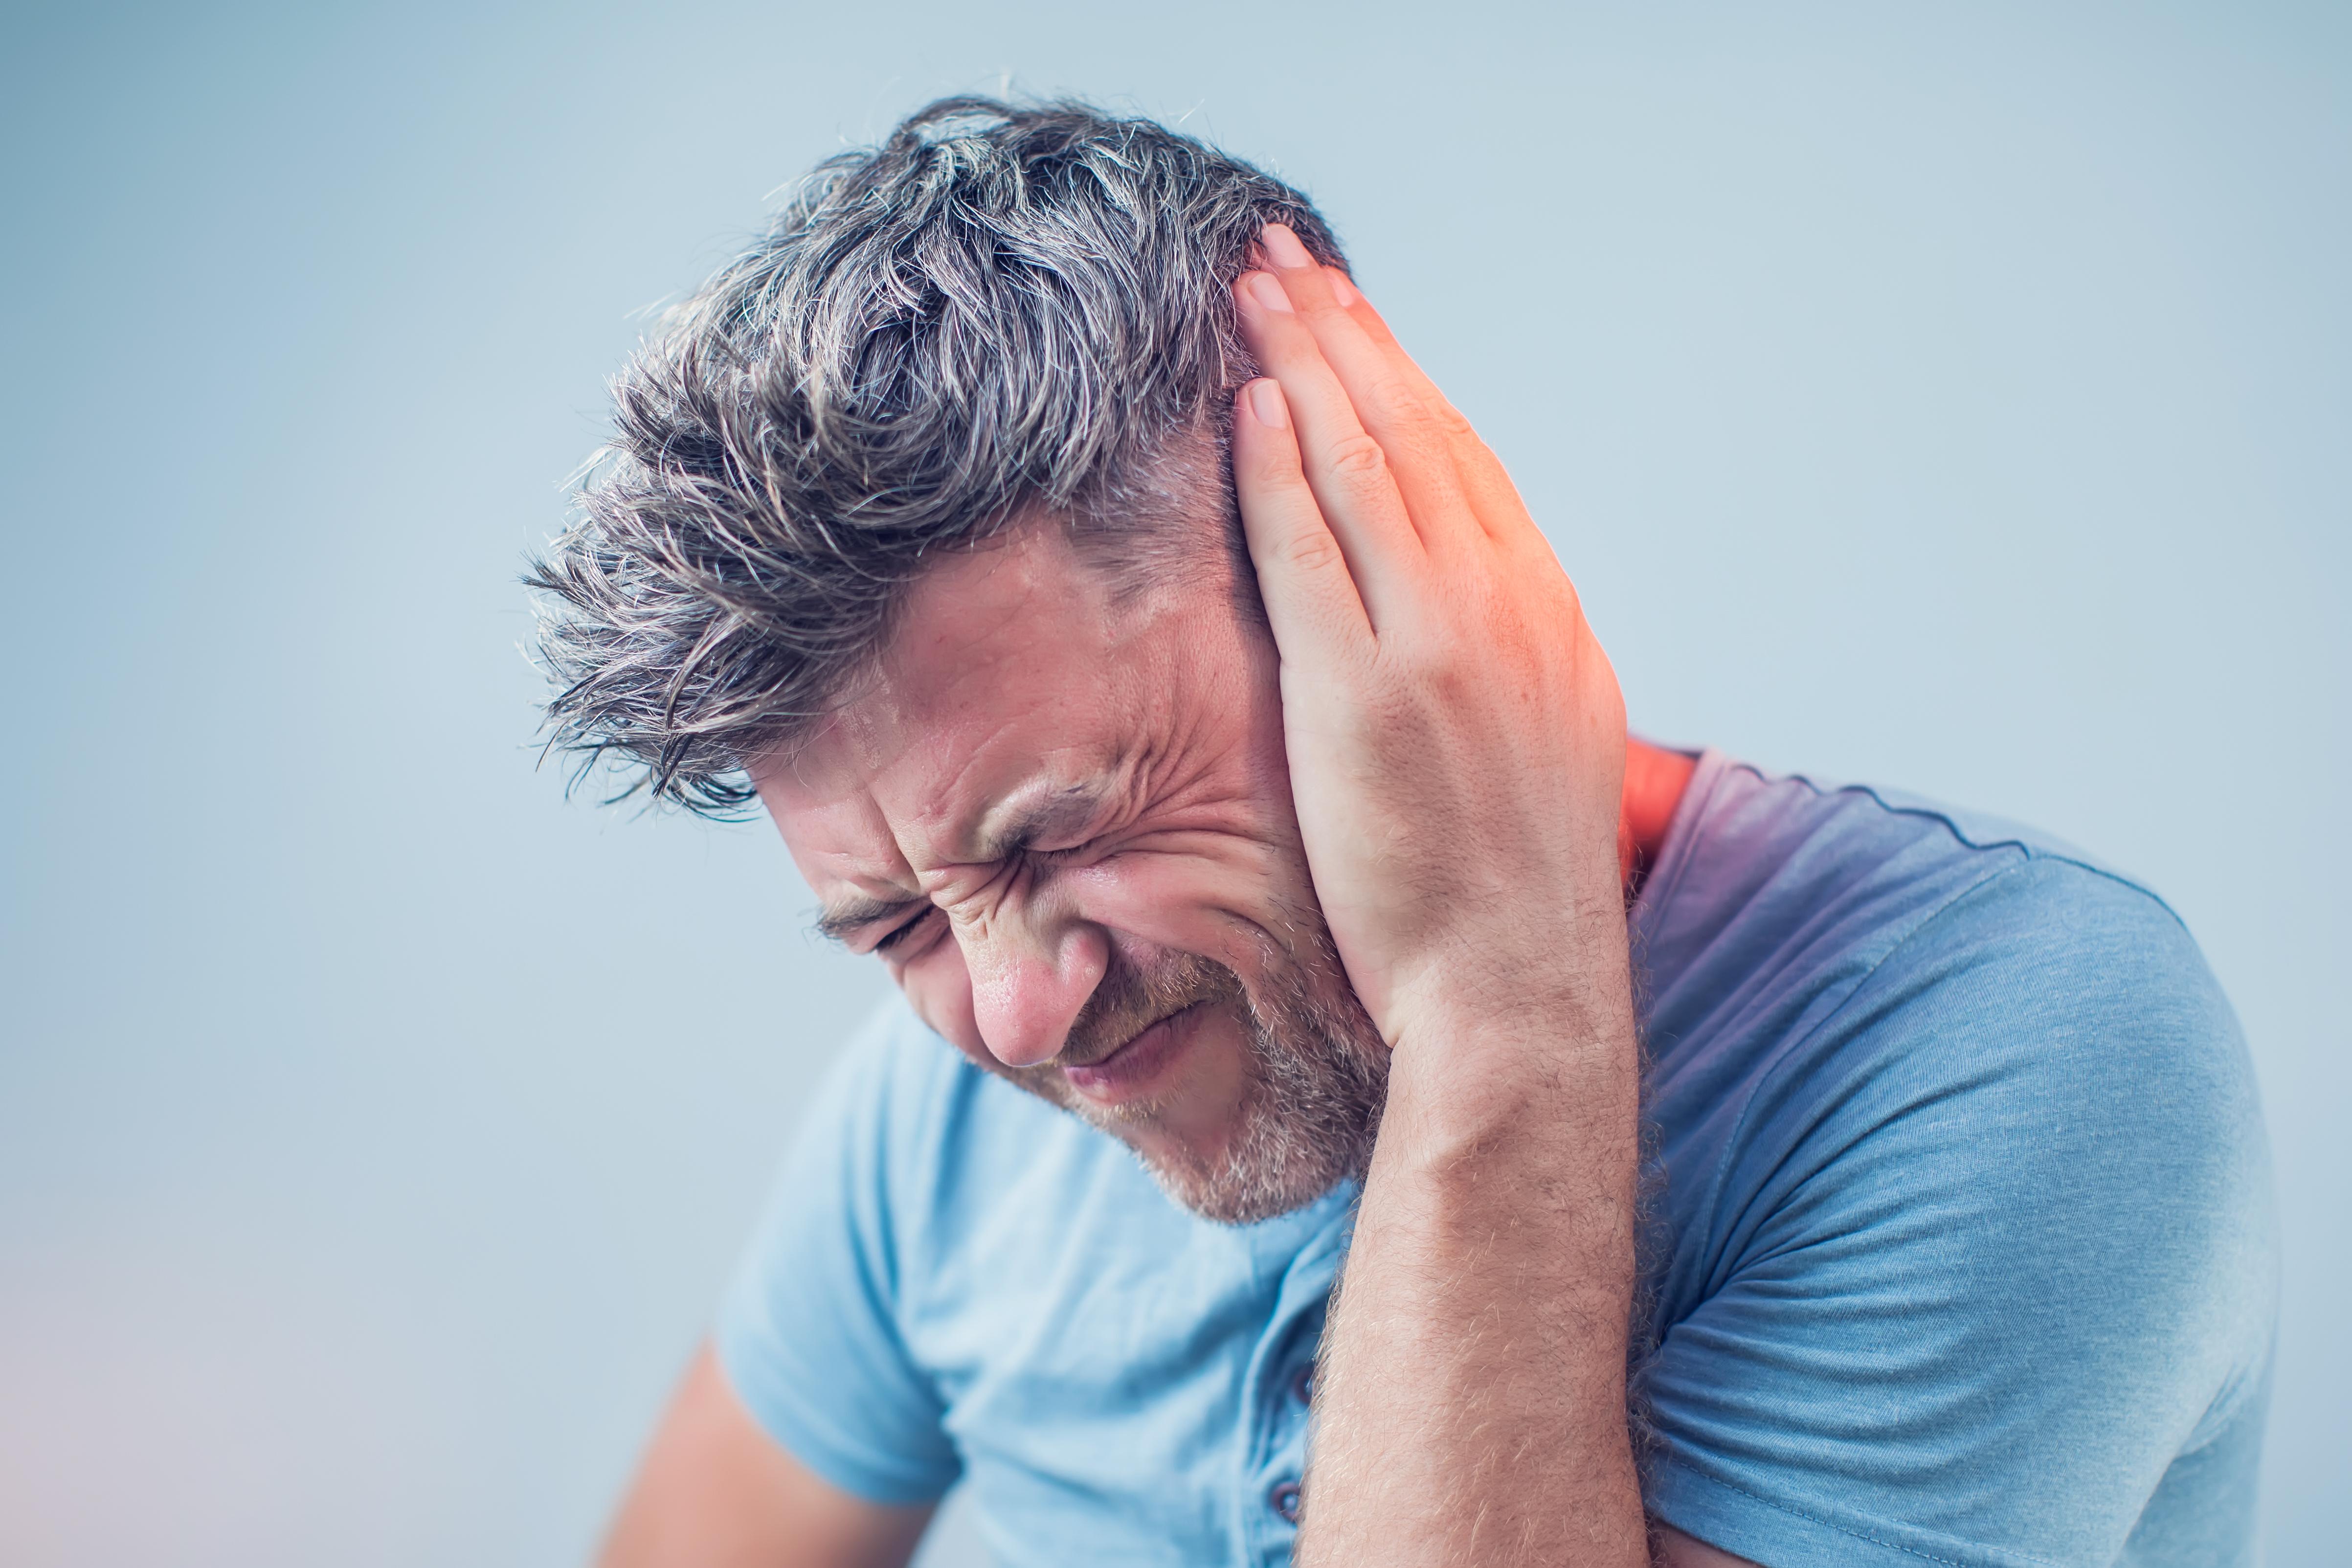 När trumhinnan spricker kan man uppleva en rad olika öronbesvär som ofta går över på egen hand när den blivit hel igen.